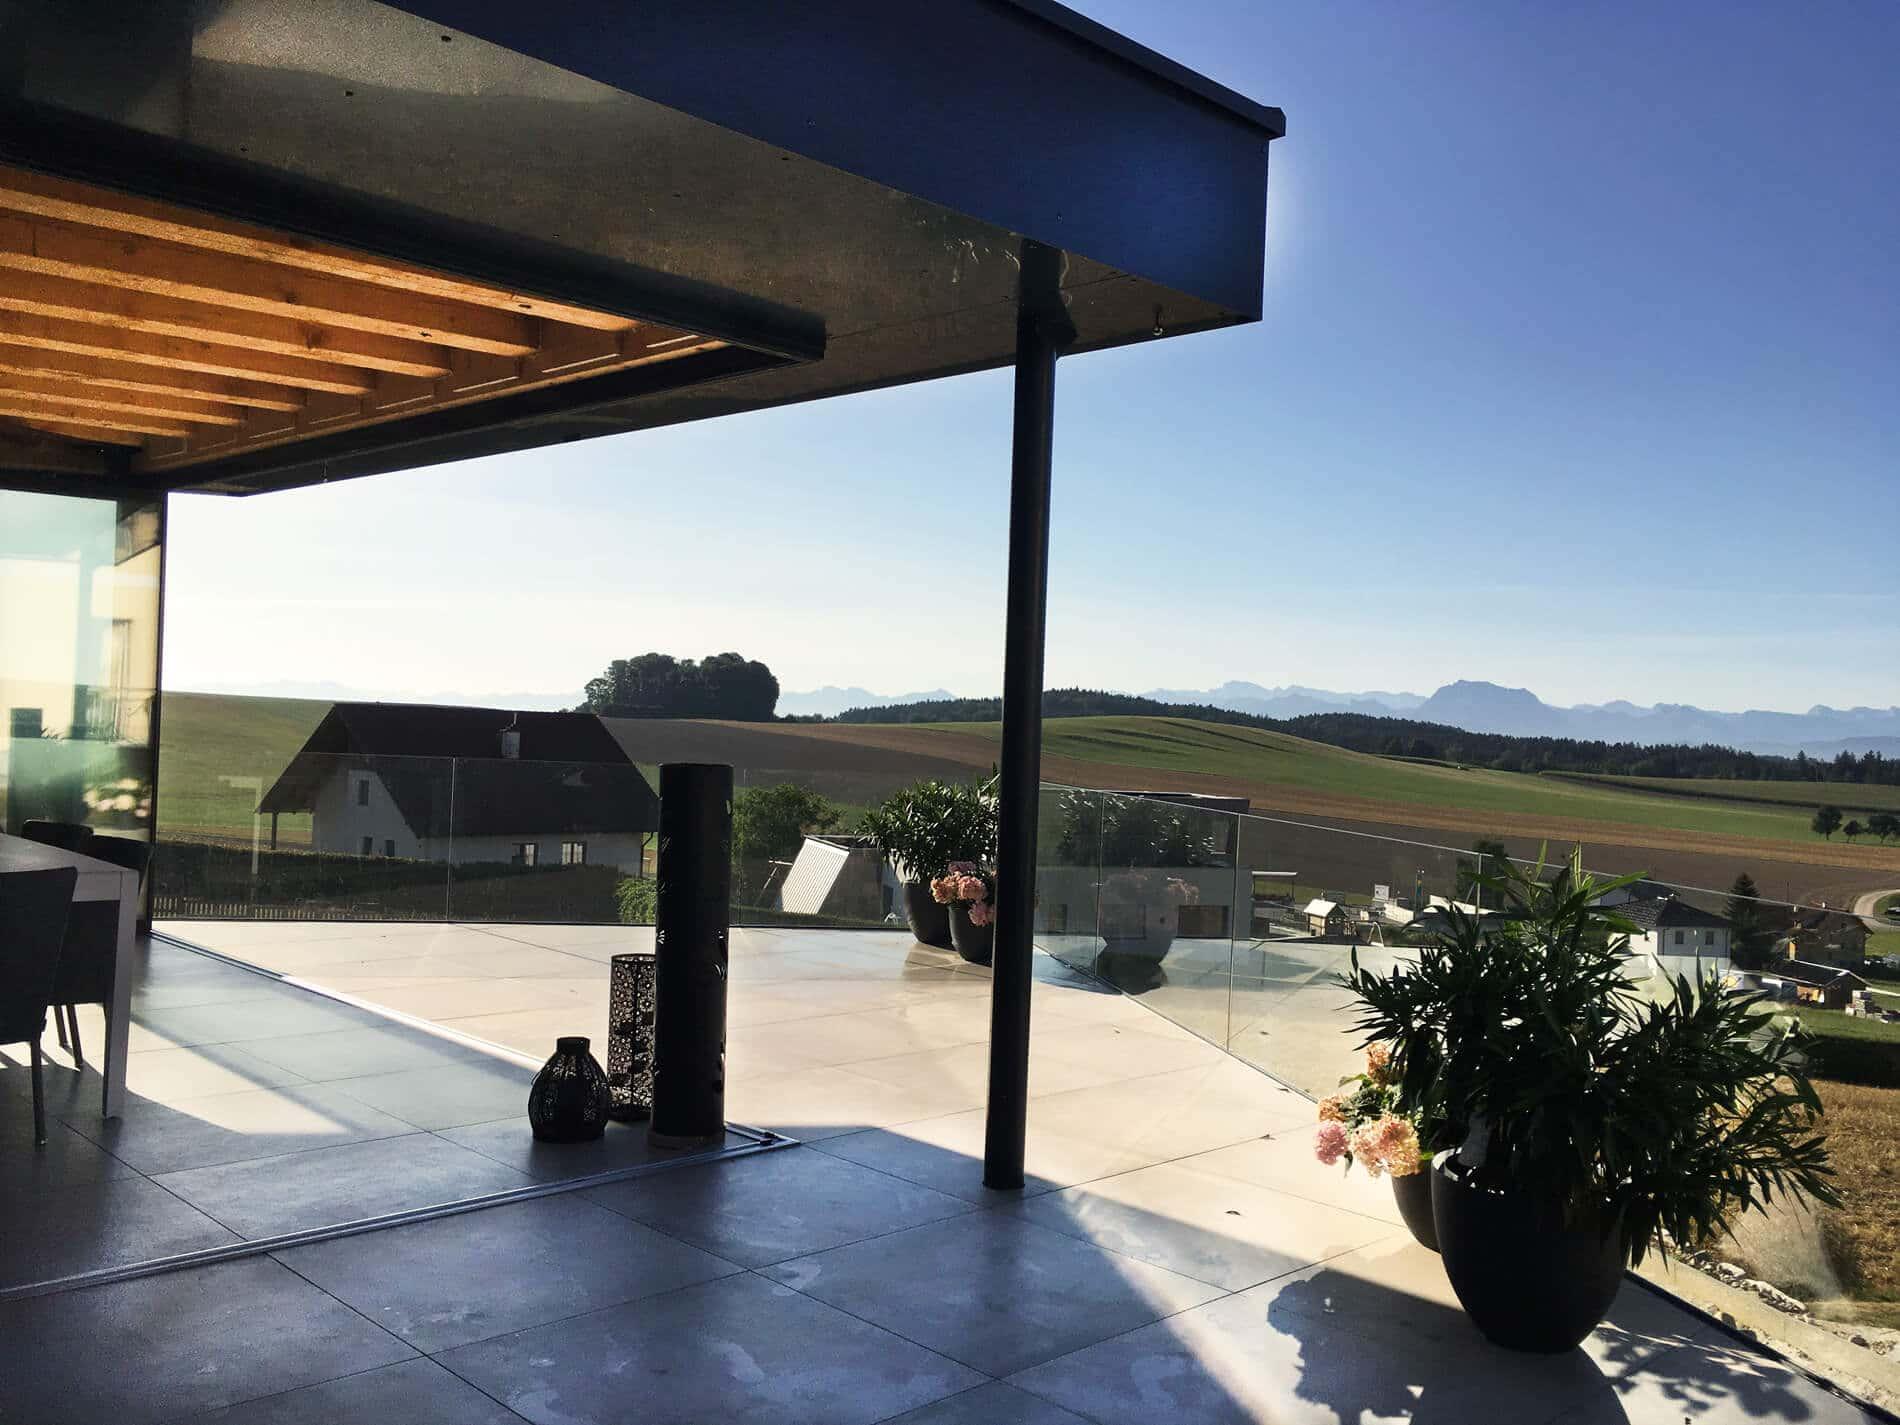 Referenz Poolhaus mit Glas komplett öffenbar